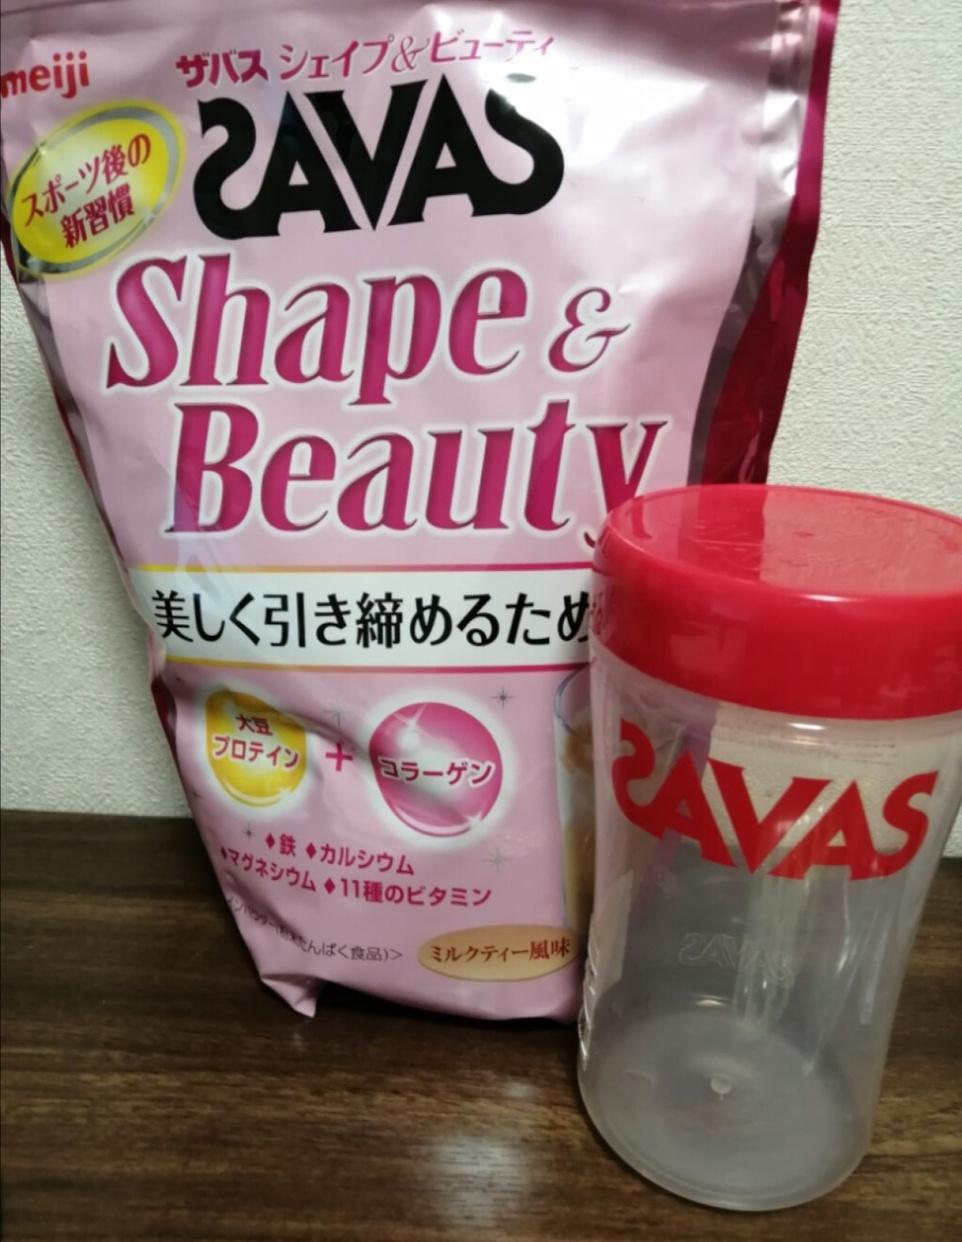 SAVAS(ザバス) シェイプ&ビューティを使ったお肉ちゃんさんのクチコミ画像